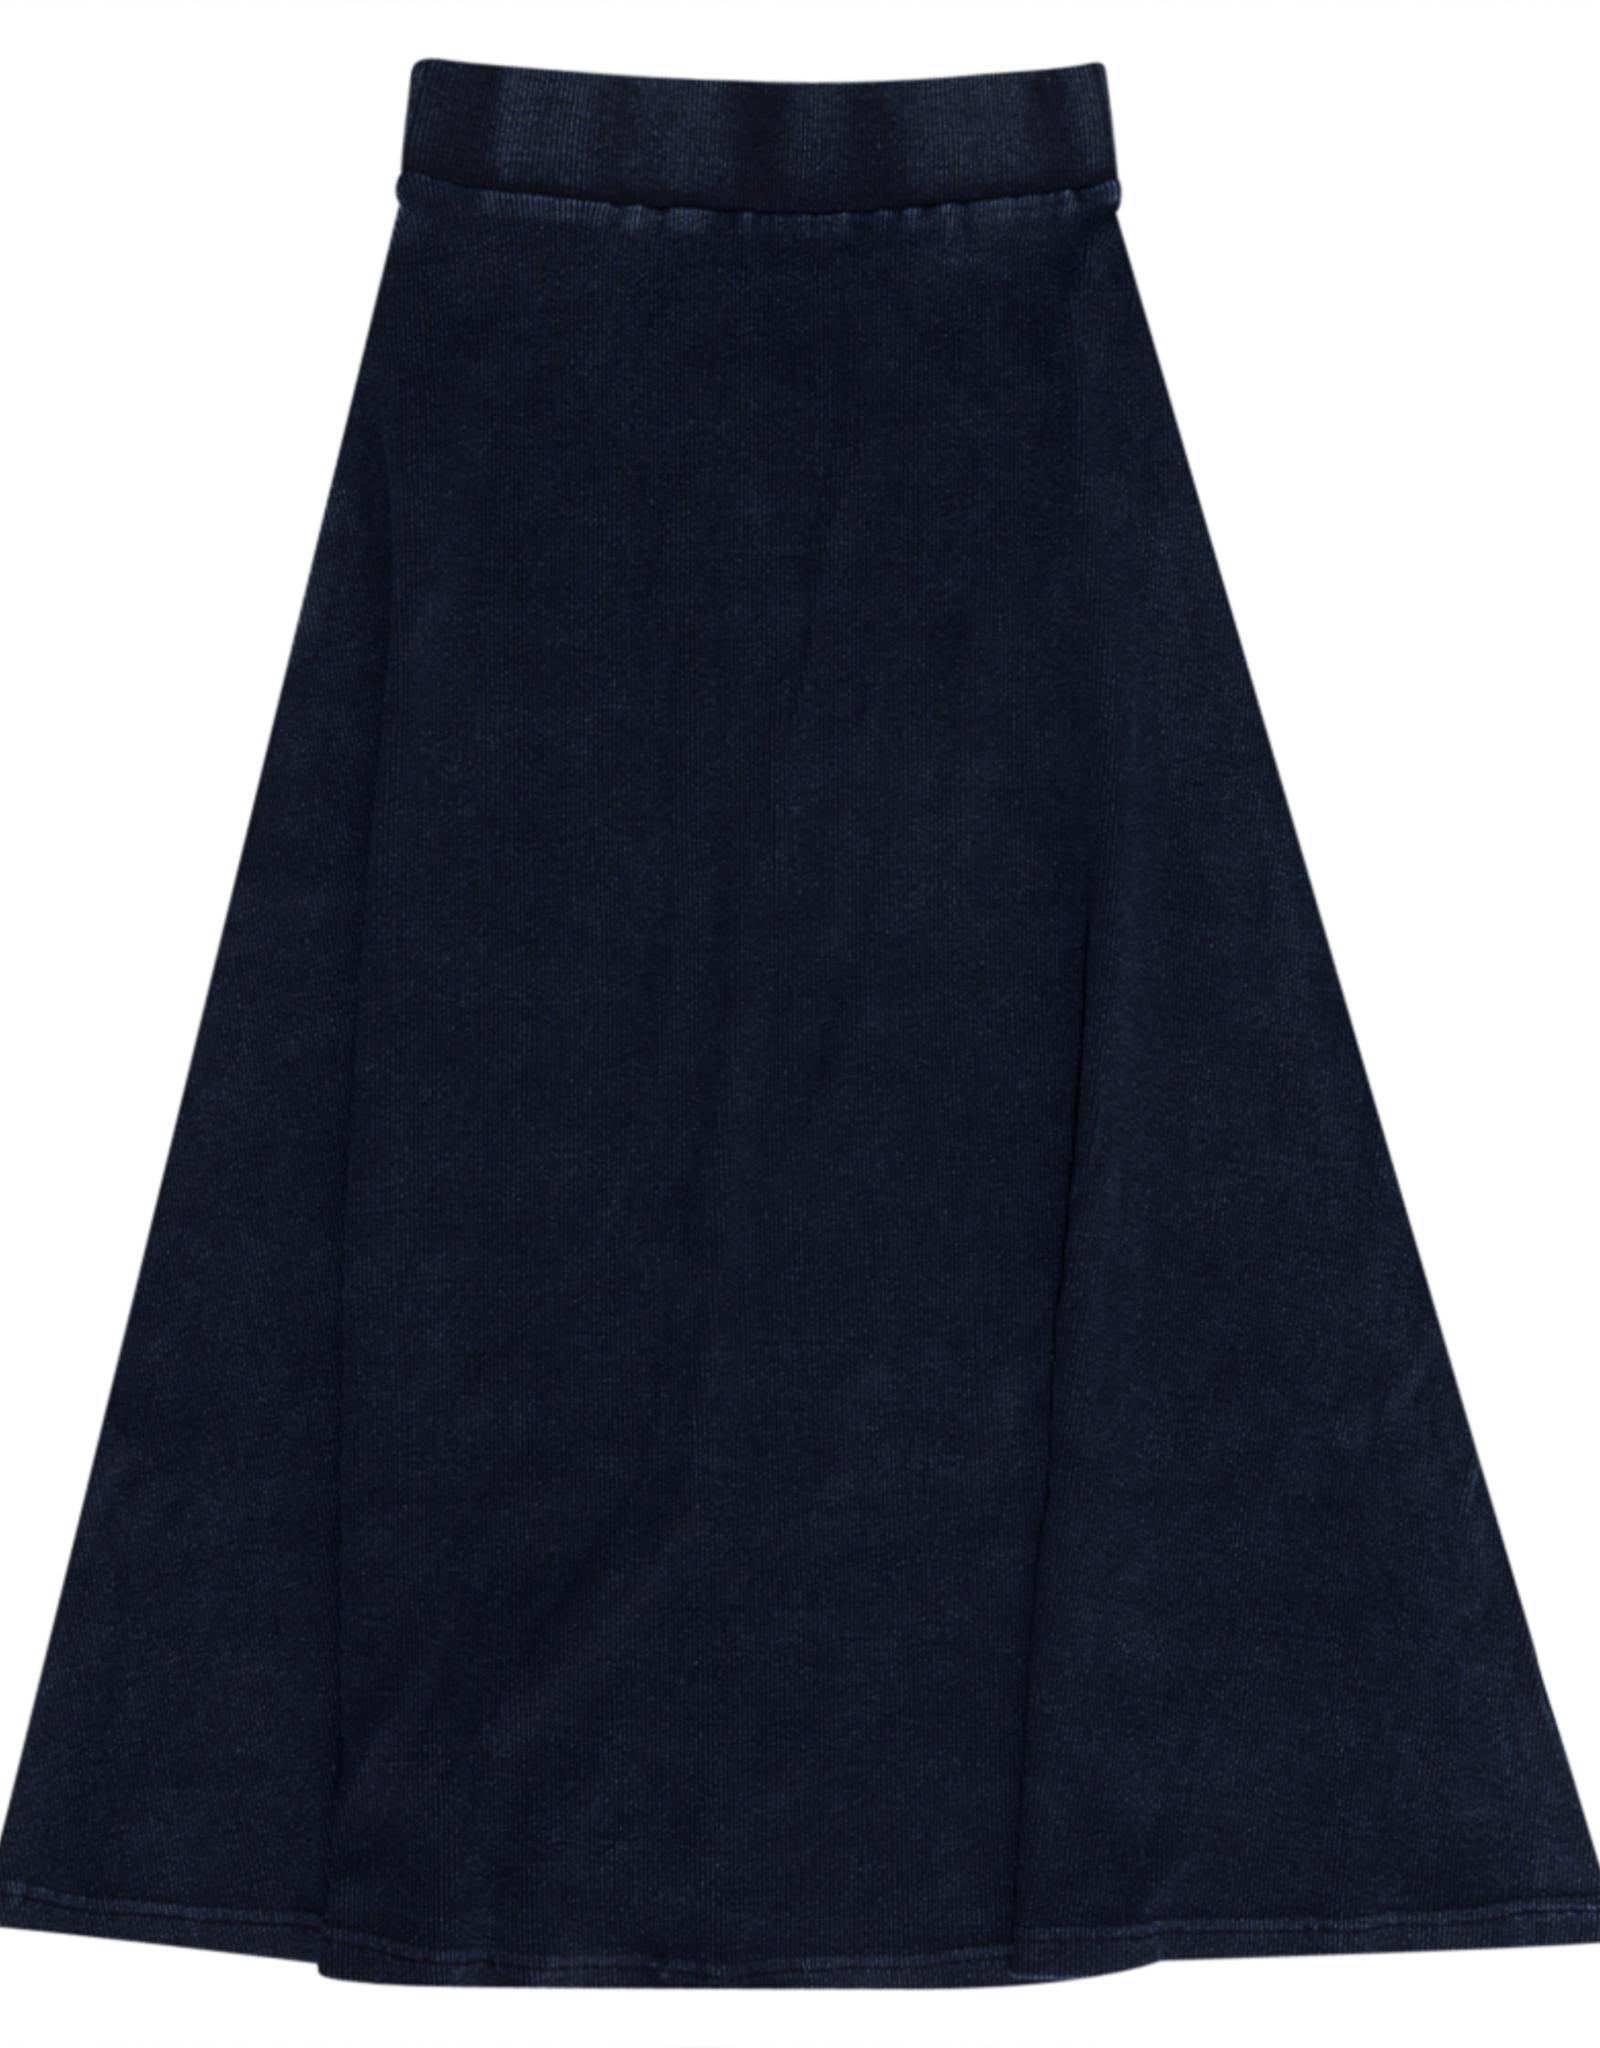 PeekABoo Peek A Boo Ribbed Stretch Denim Aline Long Skirt